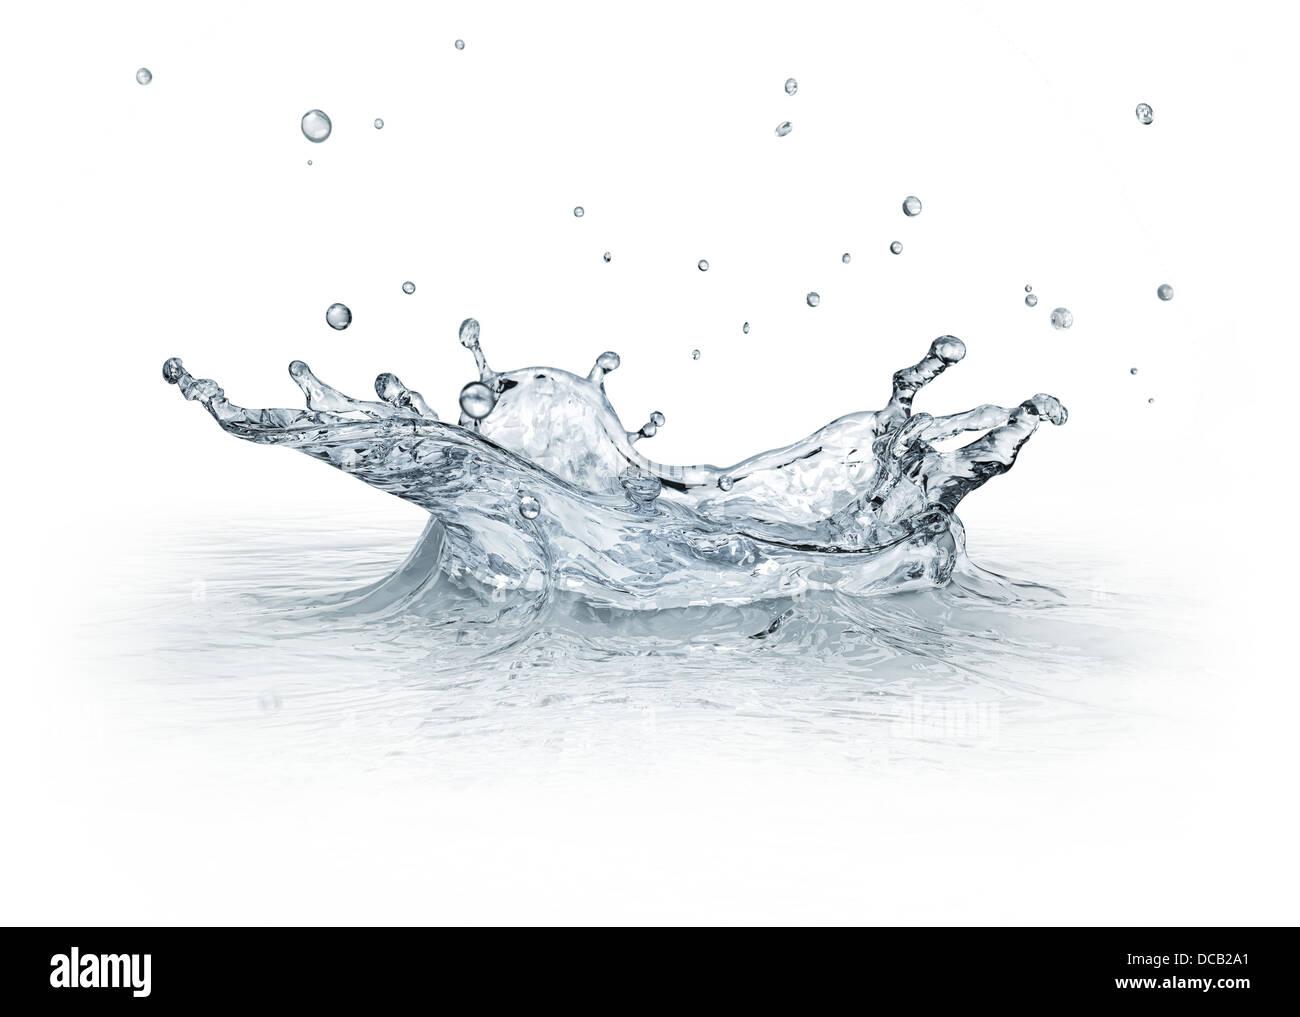 Les éclaboussures d'eau isolé sur fond blanc, avec quelques gouttes de voler.. Image de CGI. Photo Stock